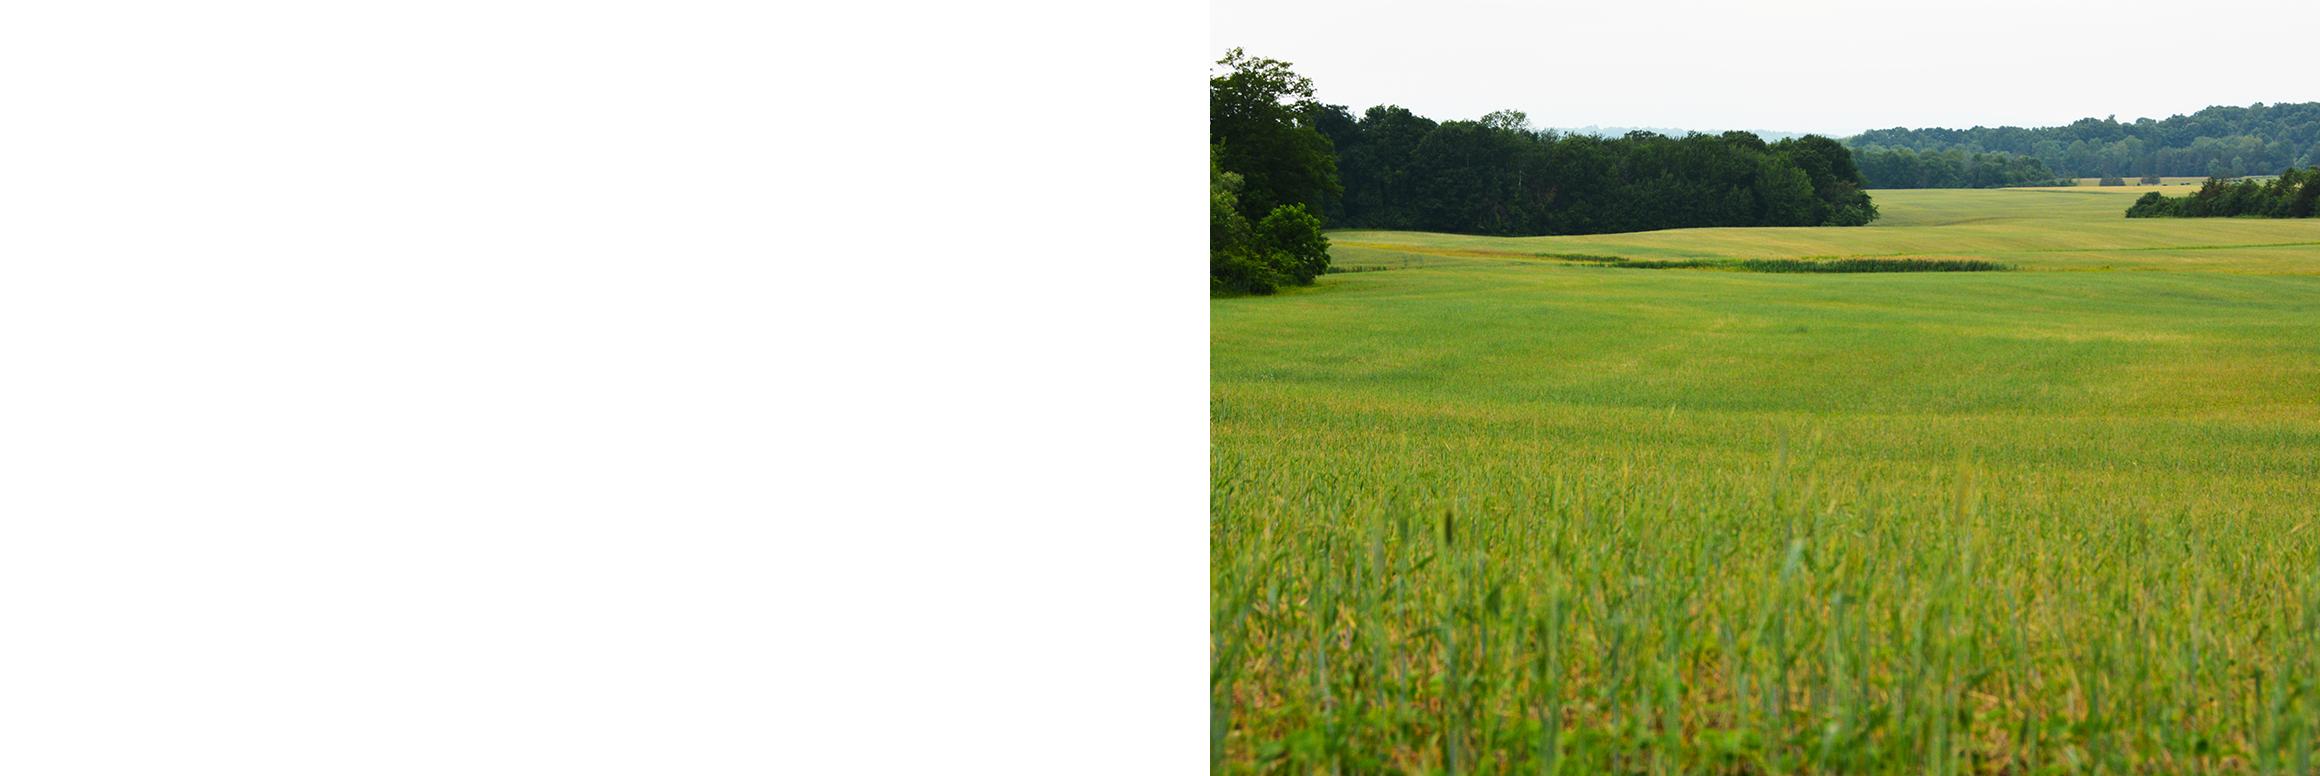 Stone house grain farm. Land clipart crop field